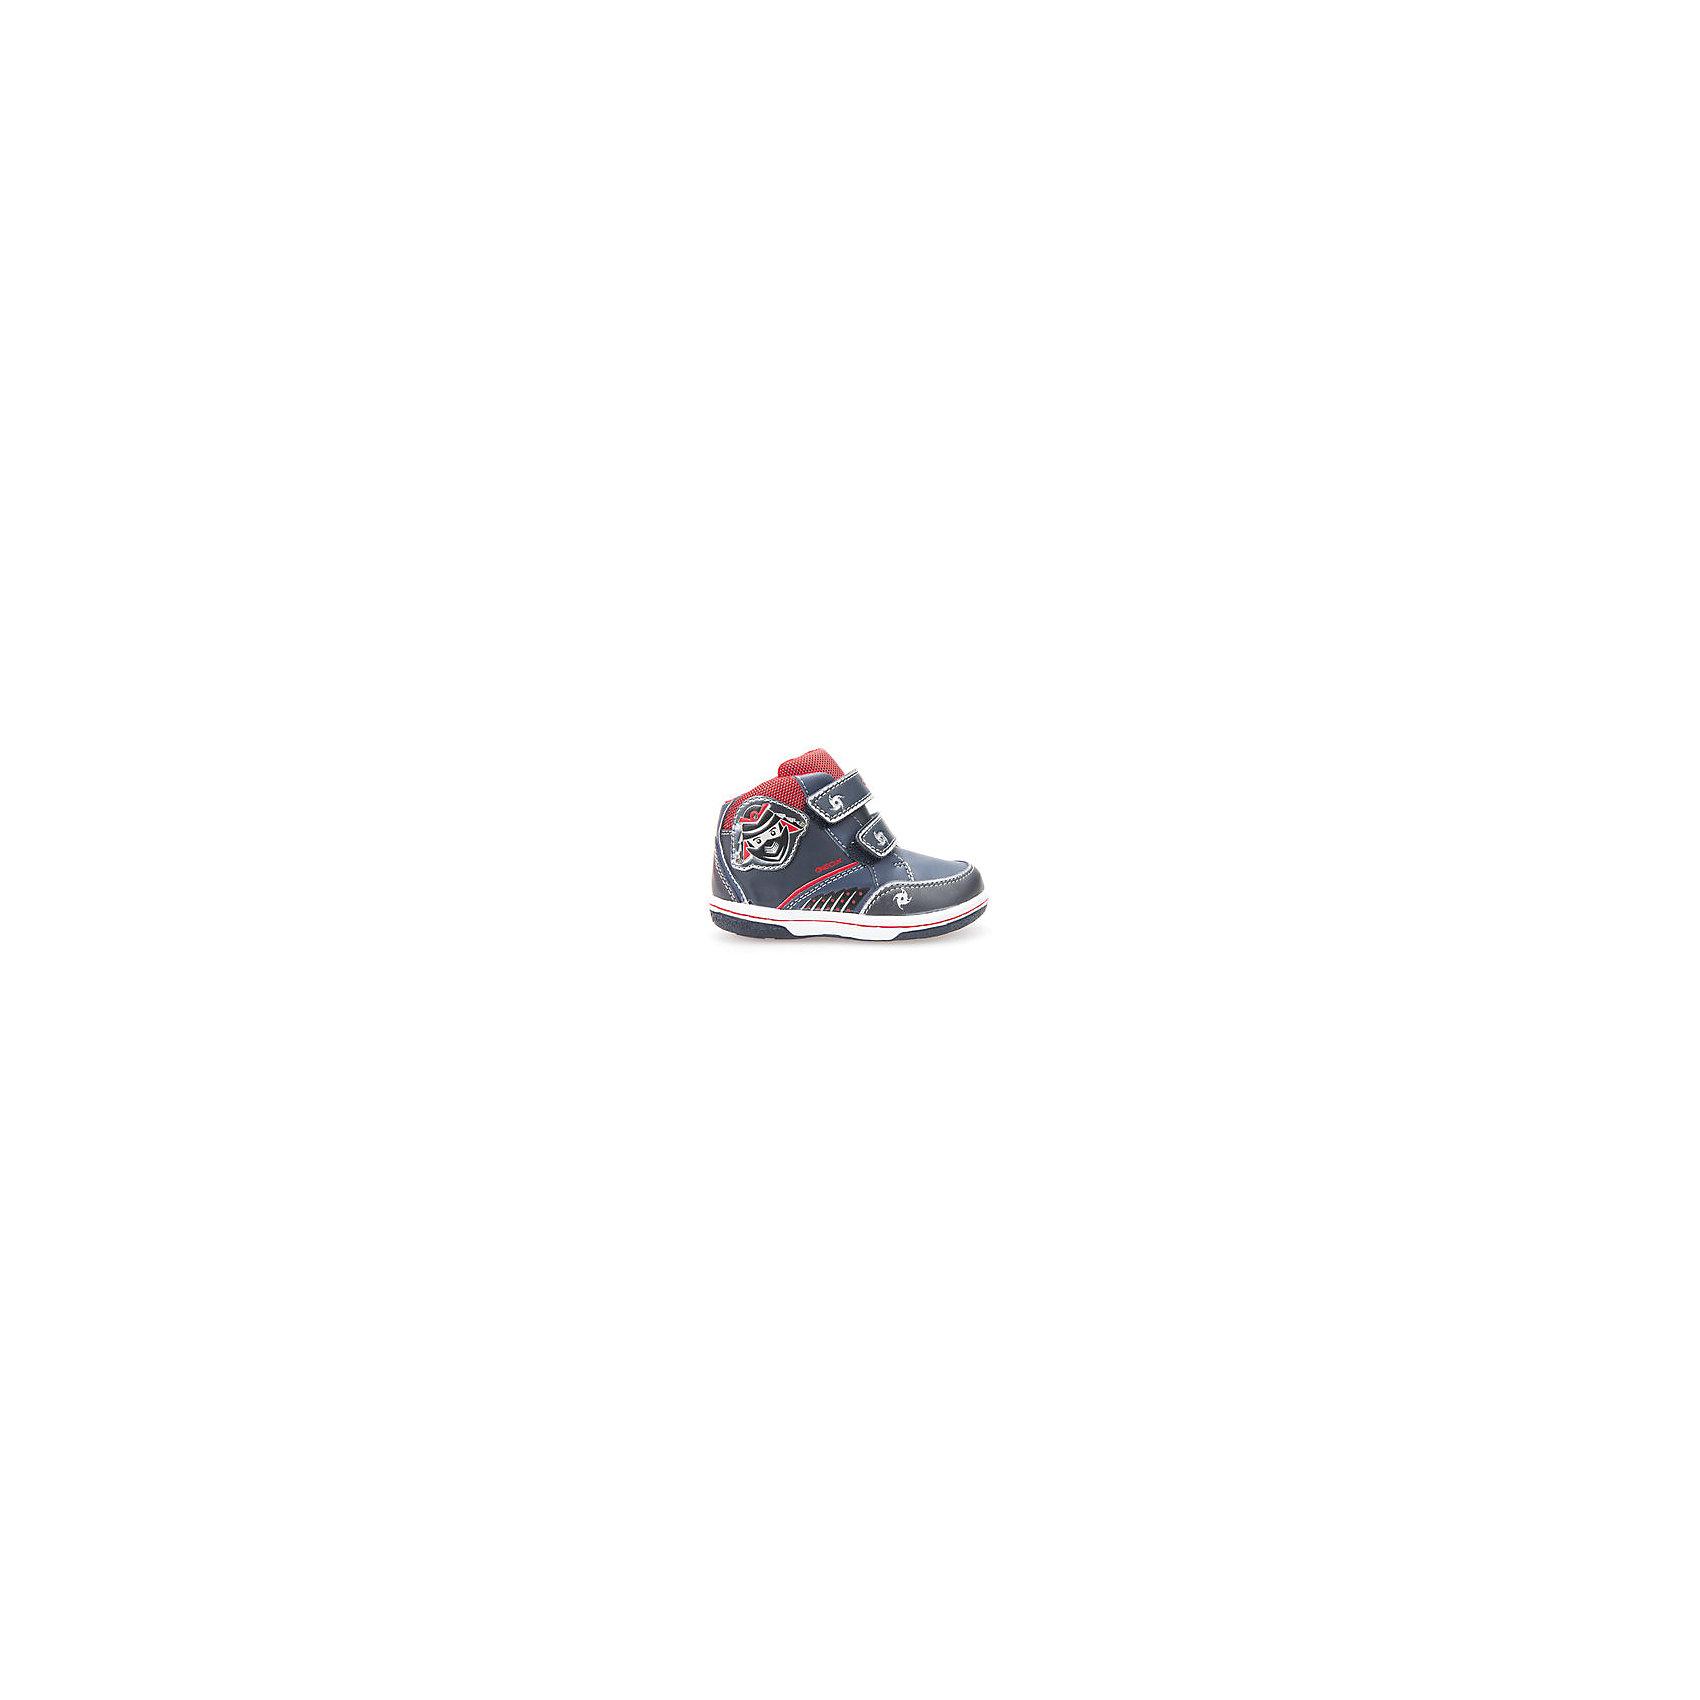 Кроссовки со светодиодами для мальчика GEOXКроссовки GEOX (ГЕОКС)<br>Кроссовки от GEOX (ГЕОКС) выполнены из искусственной кожи, внутренняя отделка из текстиля, стелька из натуральной кожи. Застежки-липучки облегчают снимание и надевание обуви и надежно фиксируют ее на ногах. Колодка соответствует анатомическим особенностям строения детской стопы. Качественная амортизация снижает нагрузку на суставы. Запатентованная гибкая перфорированная подошва со специальной микропористой мембраной обеспечивает естественное дыхание обуви, формирует оптимальный внутренний микроклимат, не пропускает воду.<br><br>Дополнительная информация:<br><br>- Сезон: демисезон<br>- Цвет: красный, синий<br>- Материал верха: искусственная кожа<br>- Внутренний материал: текстиль<br>- Материал стельки: натуральная кожа<br>- Материал подошвы: резина<br>- Тип застежки: липучки<br>- Материалы и продукция прошли специальную проверку T?V S?D, на отсутствие веществ, опасных для здоровья покупателей<br><br>Кроссовки GEOX (ГЕОКС) можно купить в нашем интернет-магазине.<br><br>Ширина мм: 250<br>Глубина мм: 150<br>Высота мм: 150<br>Вес г: 250<br>Цвет: красный/синий<br>Возраст от месяцев: 24<br>Возраст до месяцев: 24<br>Пол: Мужской<br>Возраст: Детский<br>Размер: 25,27,26,24,23<br>SKU: 4968242